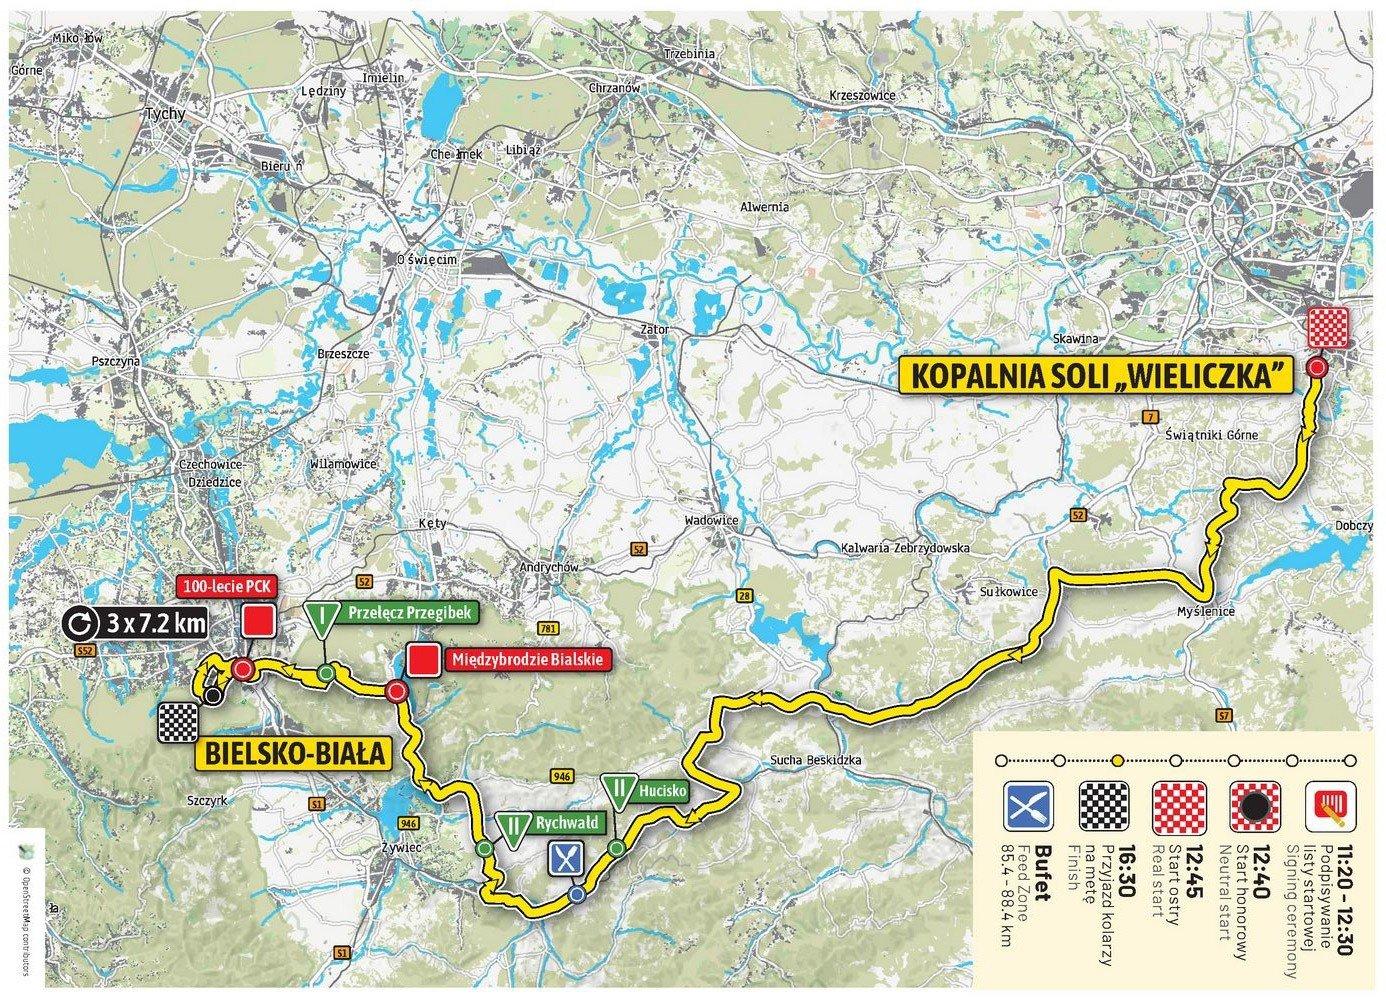 Tour De Pologne 2019 Etap 5 Wieliczka Bielsko Biala Trasa